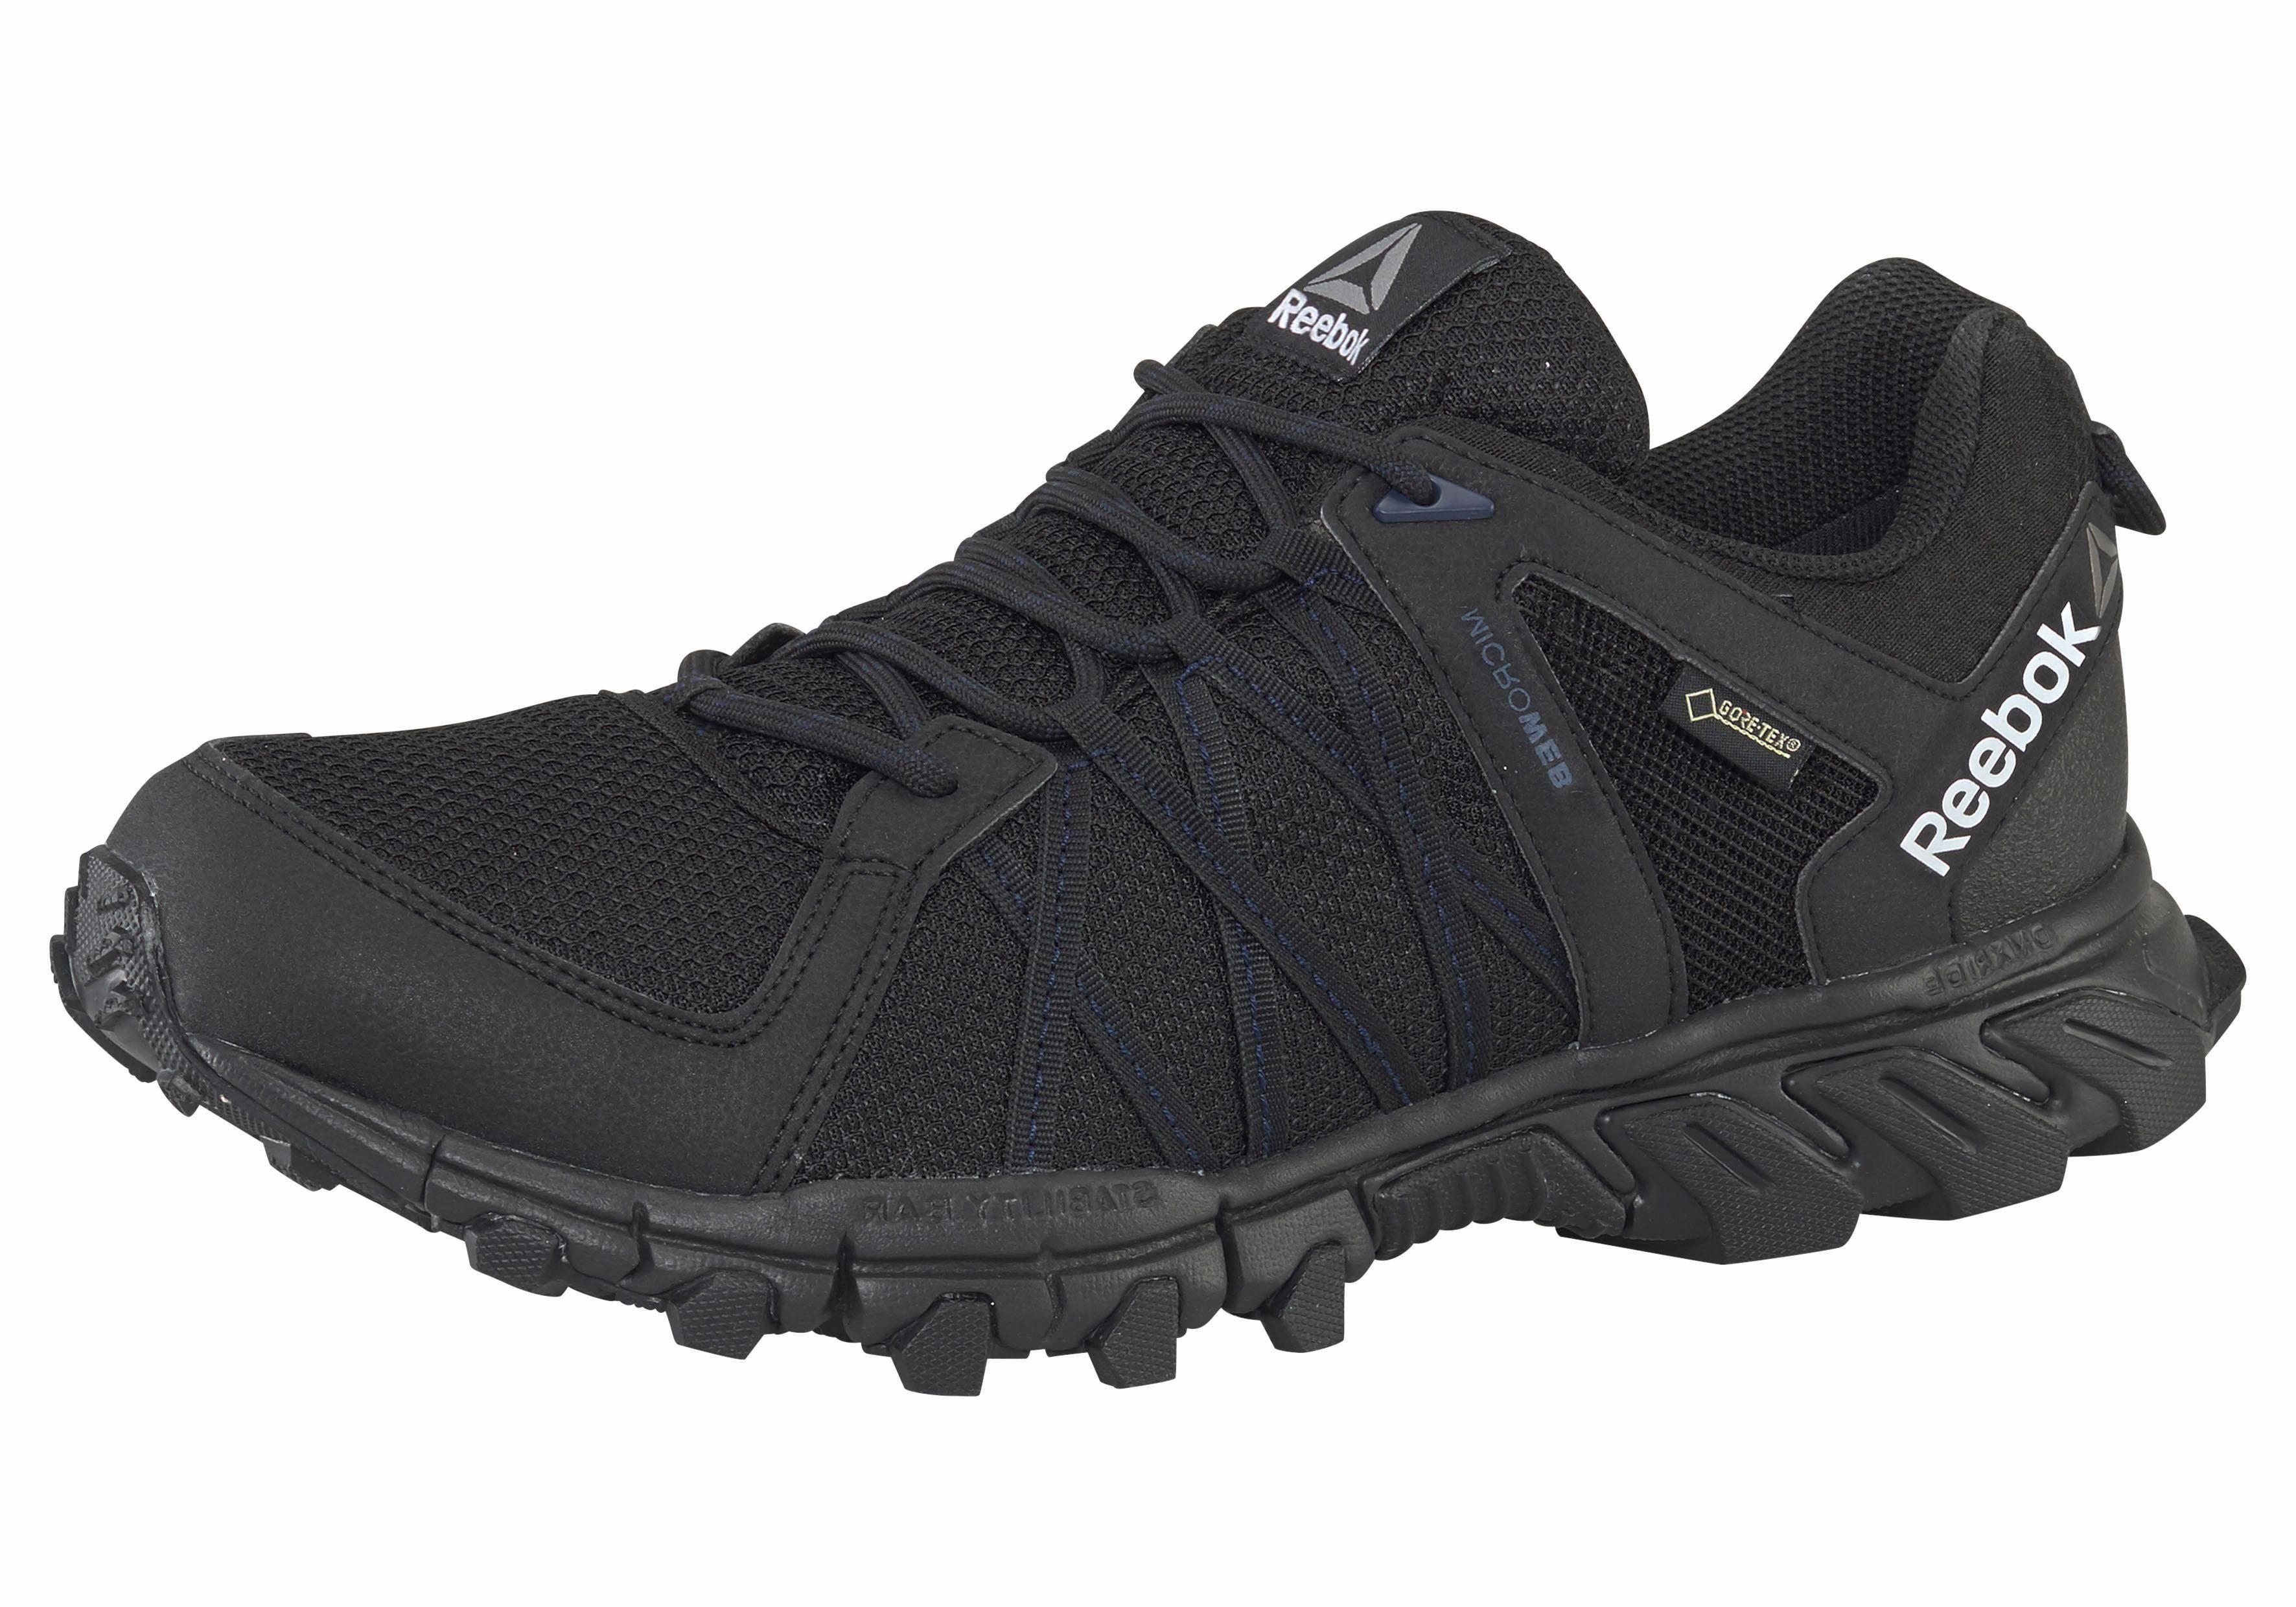 Reebok »Trailgrip RS 5.0 Goretex« Walkingschuh, Hervorragende Dämfung für mehr Tragekomfort online kaufen | OTTO